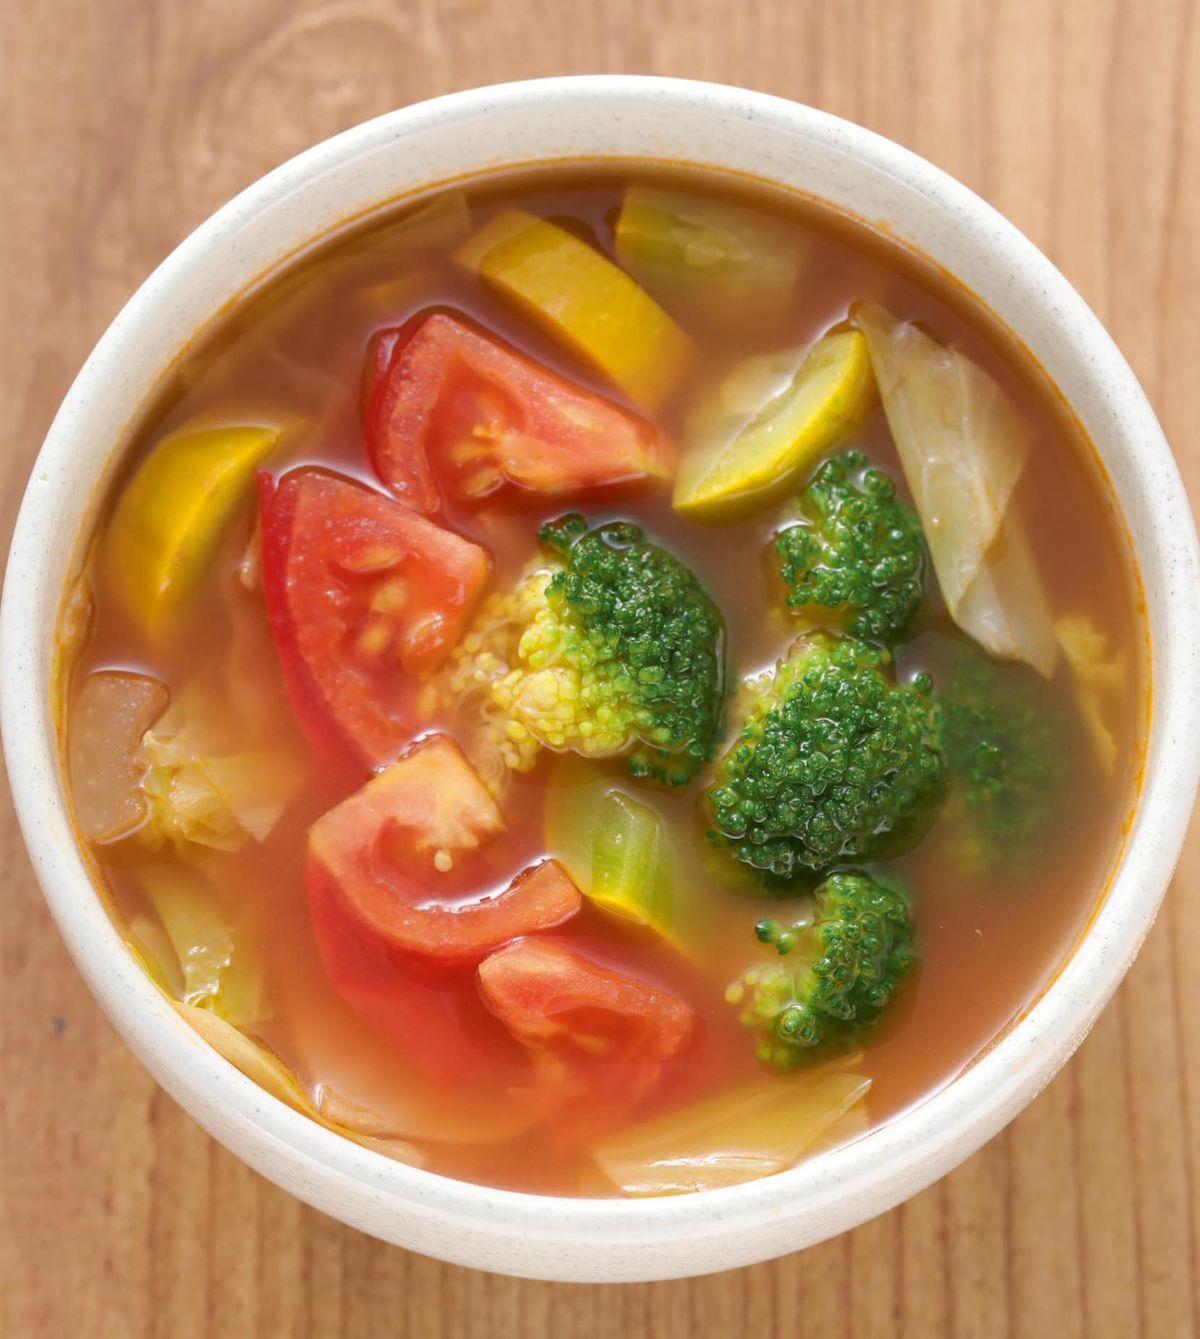 【食譜】義式番茄蔬菜湯(1):www.ytower.com.tw